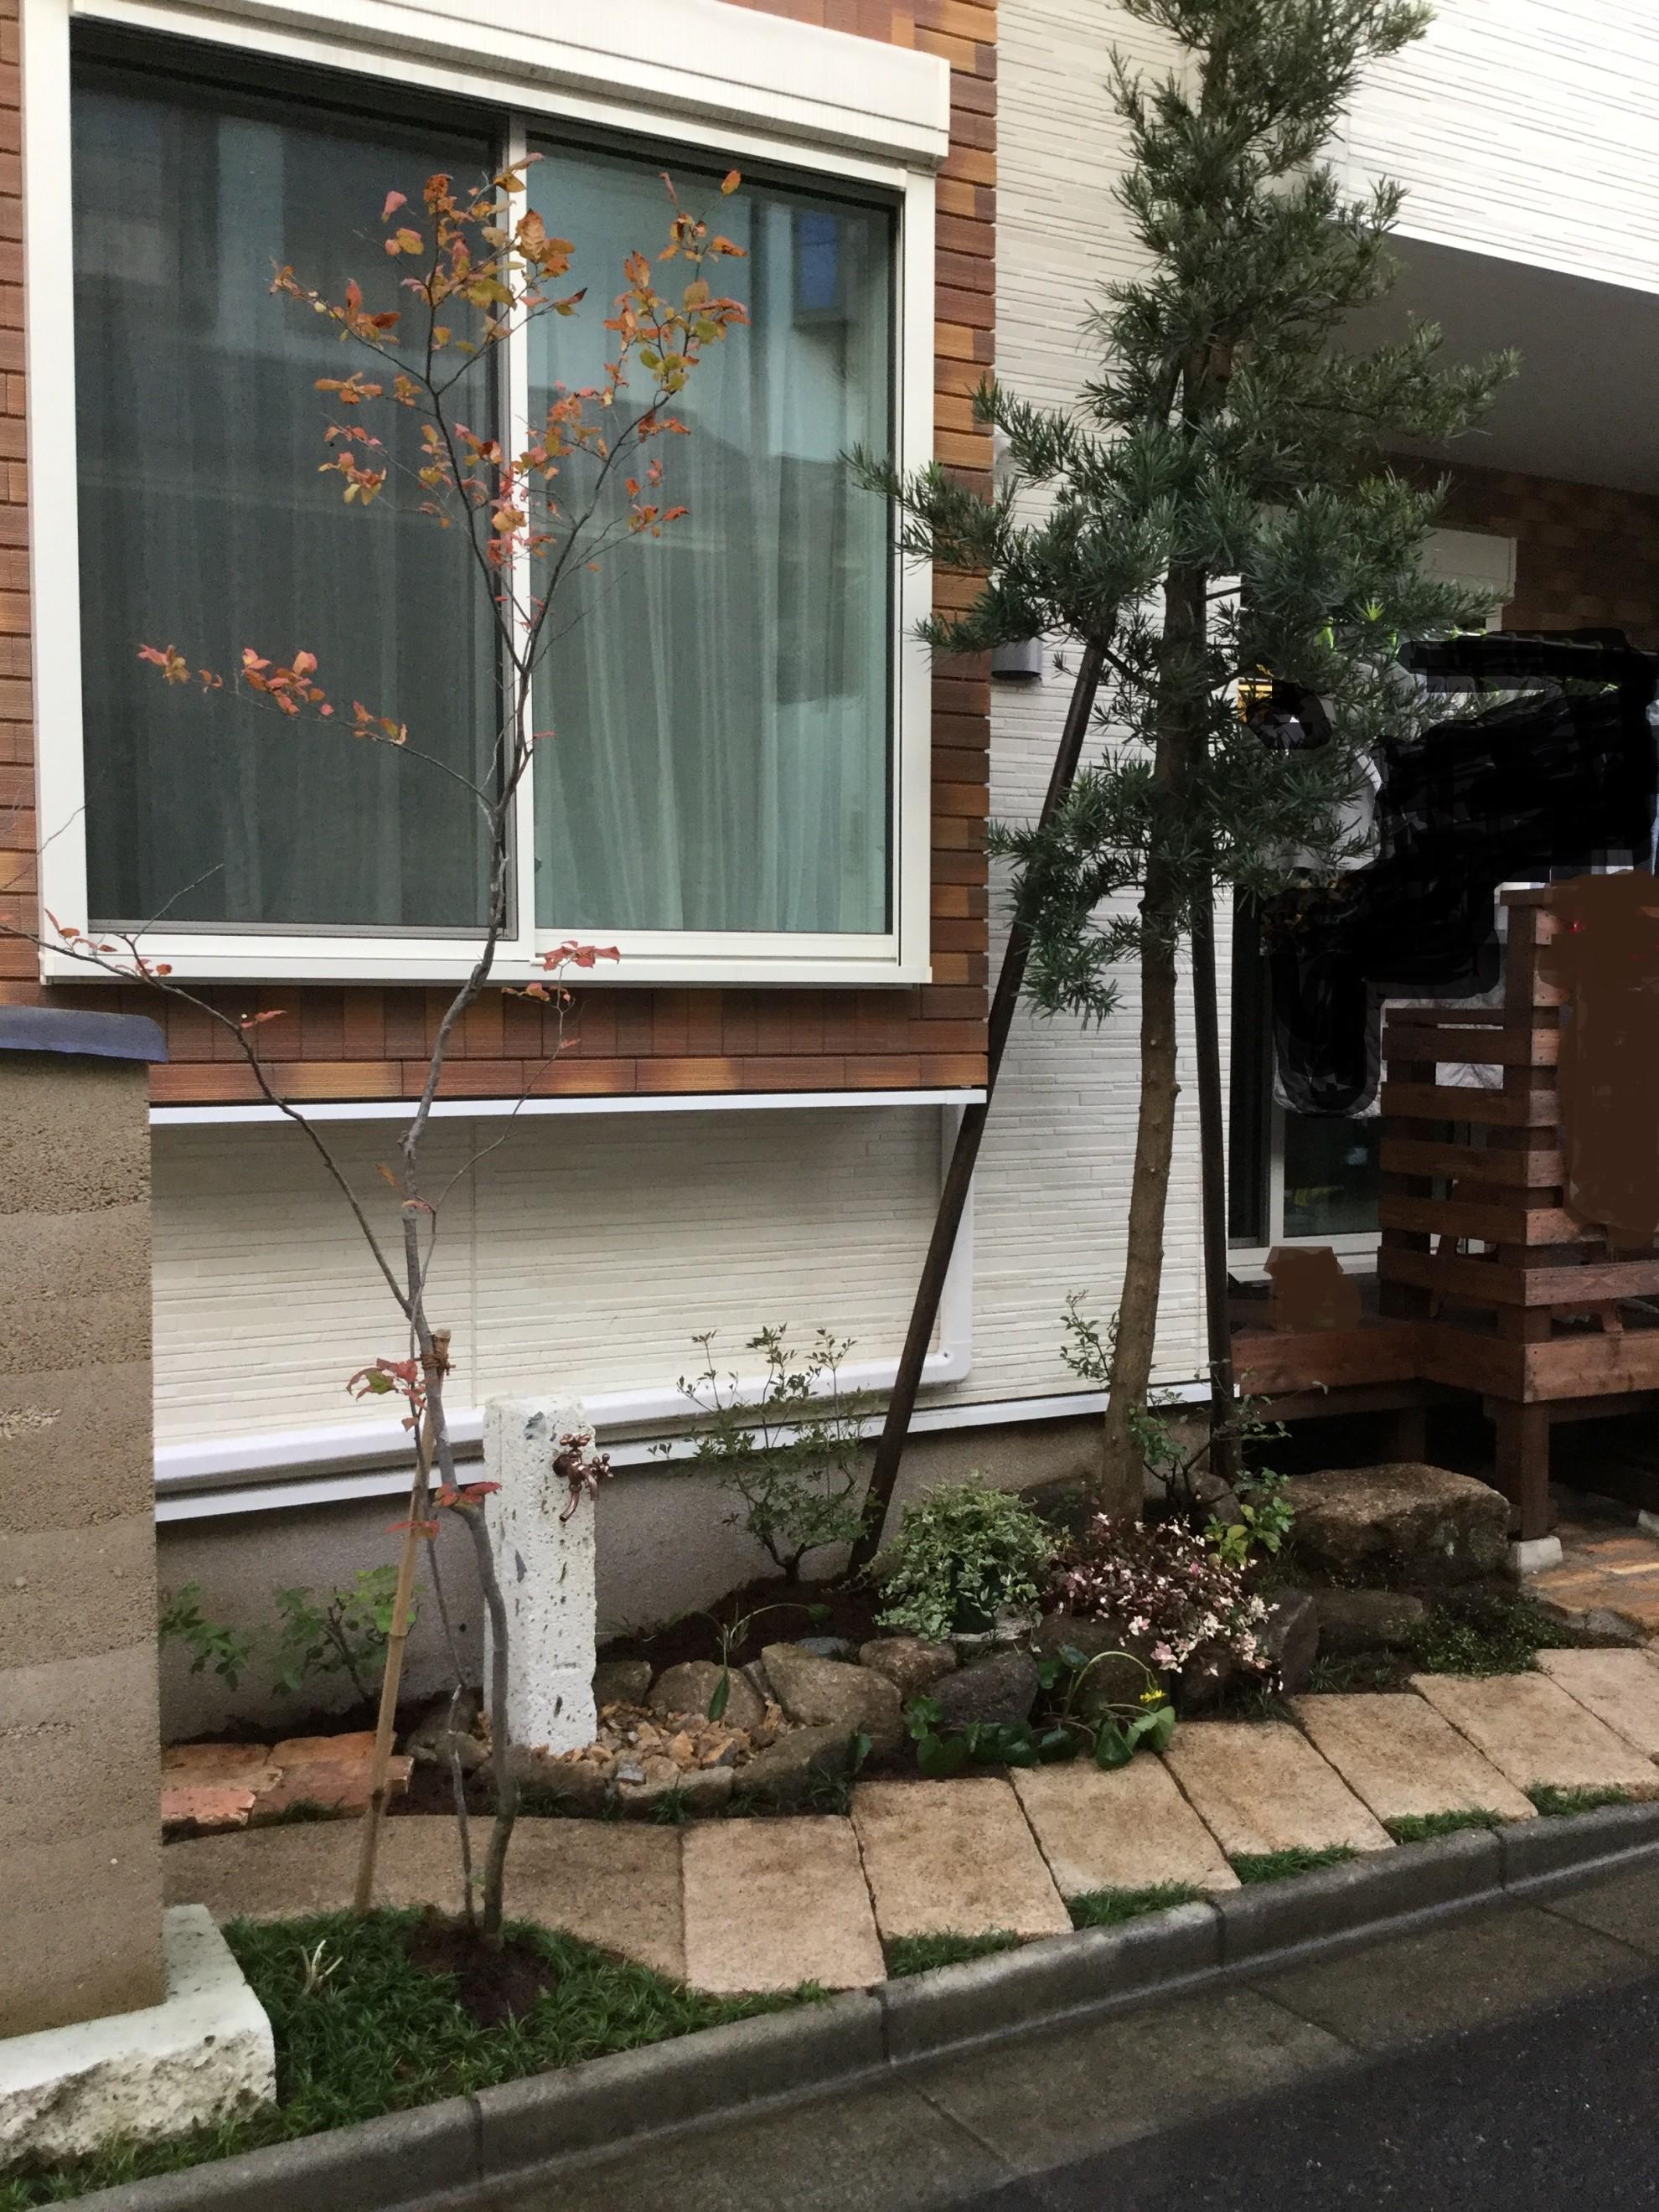 版築塀とアイアン屋根の門柱の庭 埼玉県(三芳町)-7